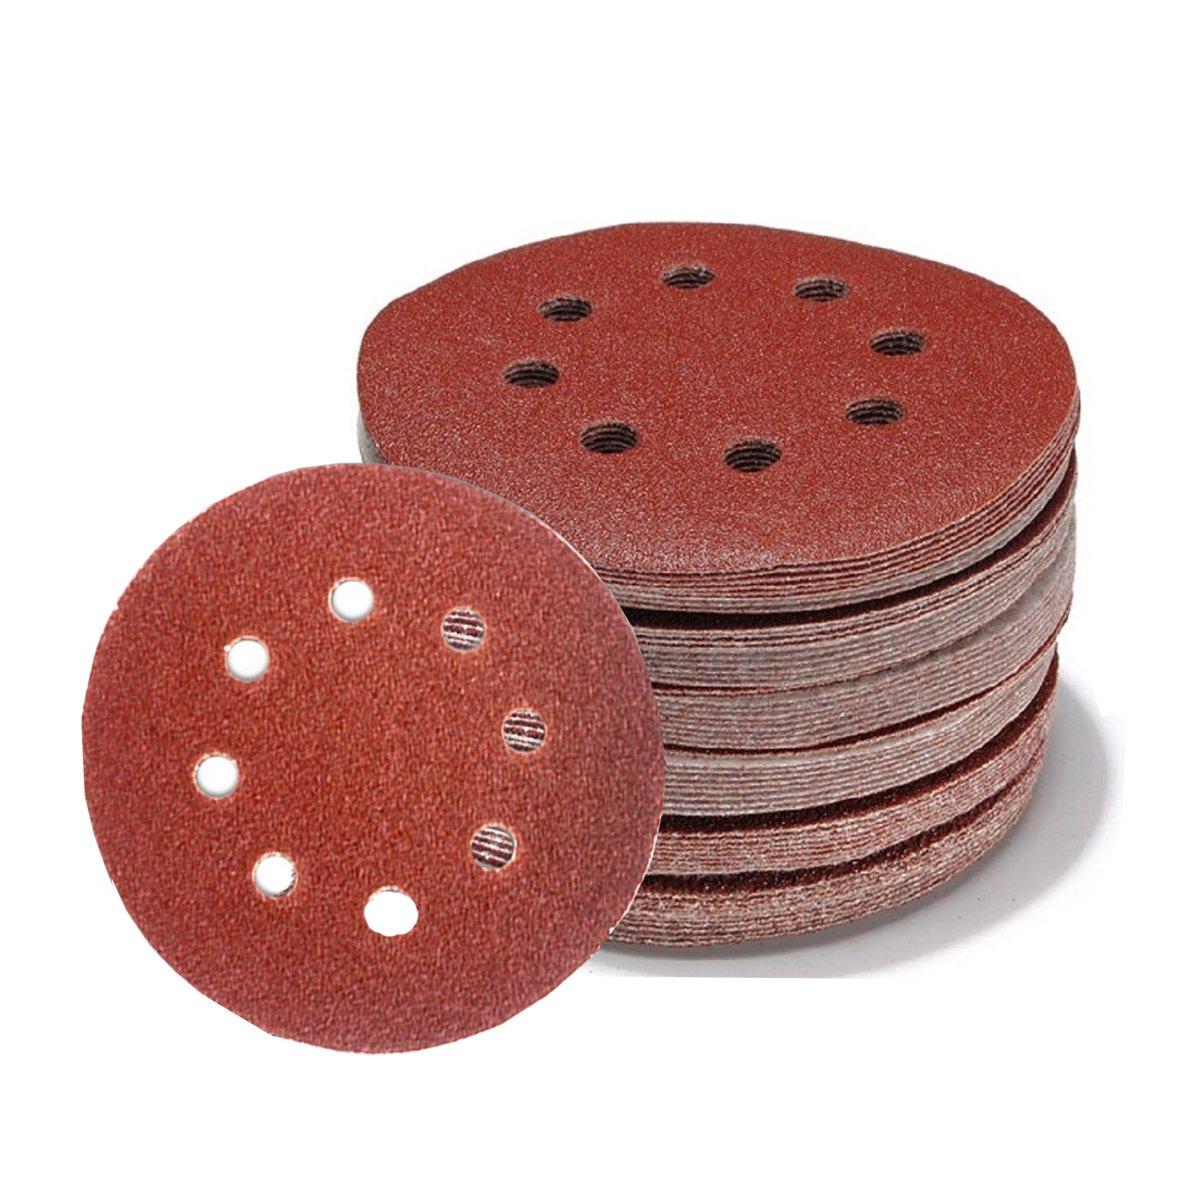 88 PCS Sandpaper Disc Pads 5 inch 8 Holes Sanding Discs Hook and Loop 60 80 100 120 150 180 240 320 400 600 800 Grit for Random Orbital Sander, Metal, Plastic Wood